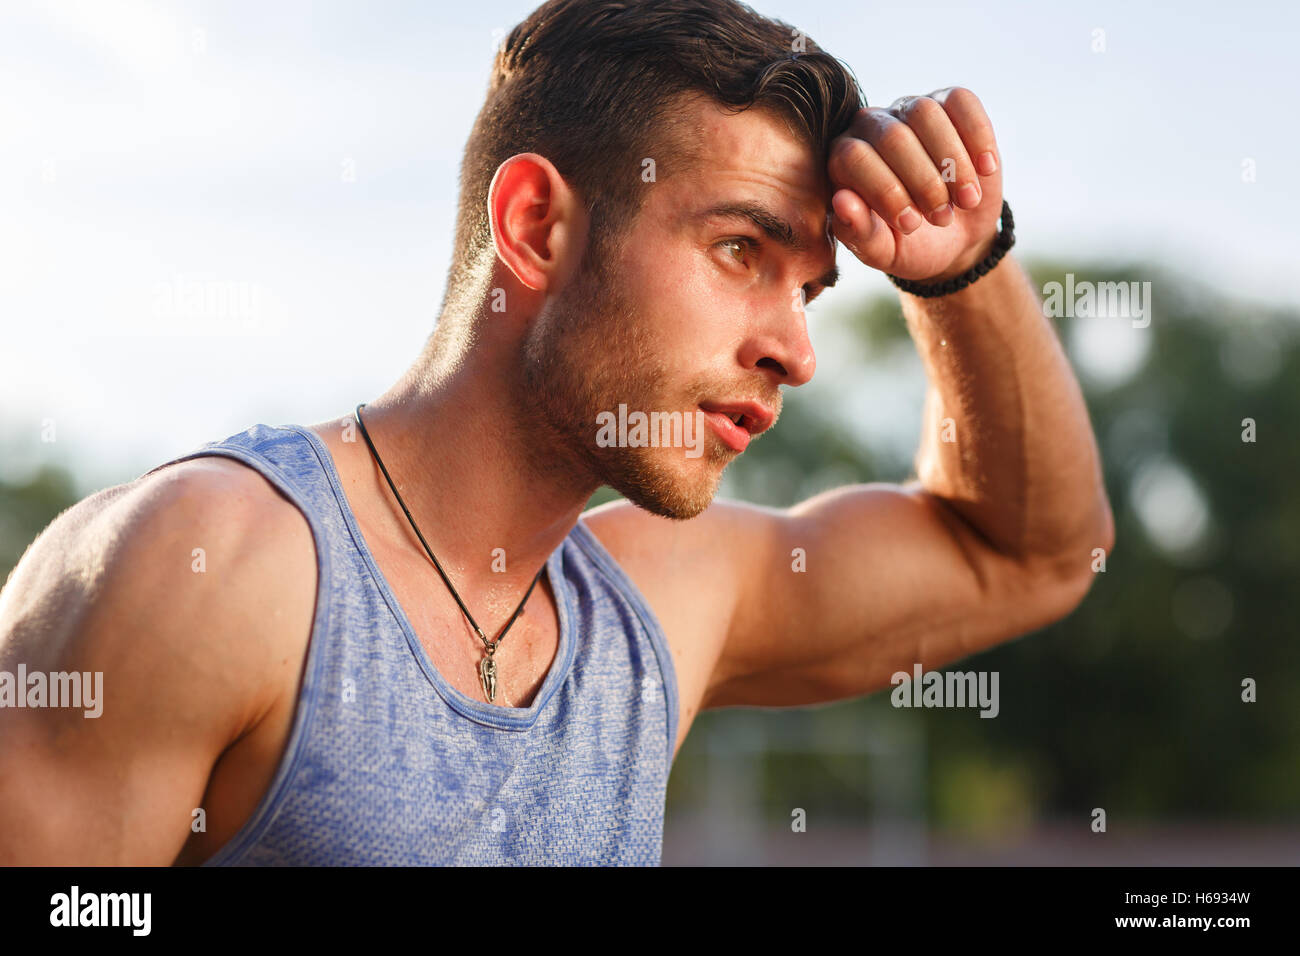 Joven hombre sudoroso muscular después de entrenar fuera de día soleado Imagen De Stock